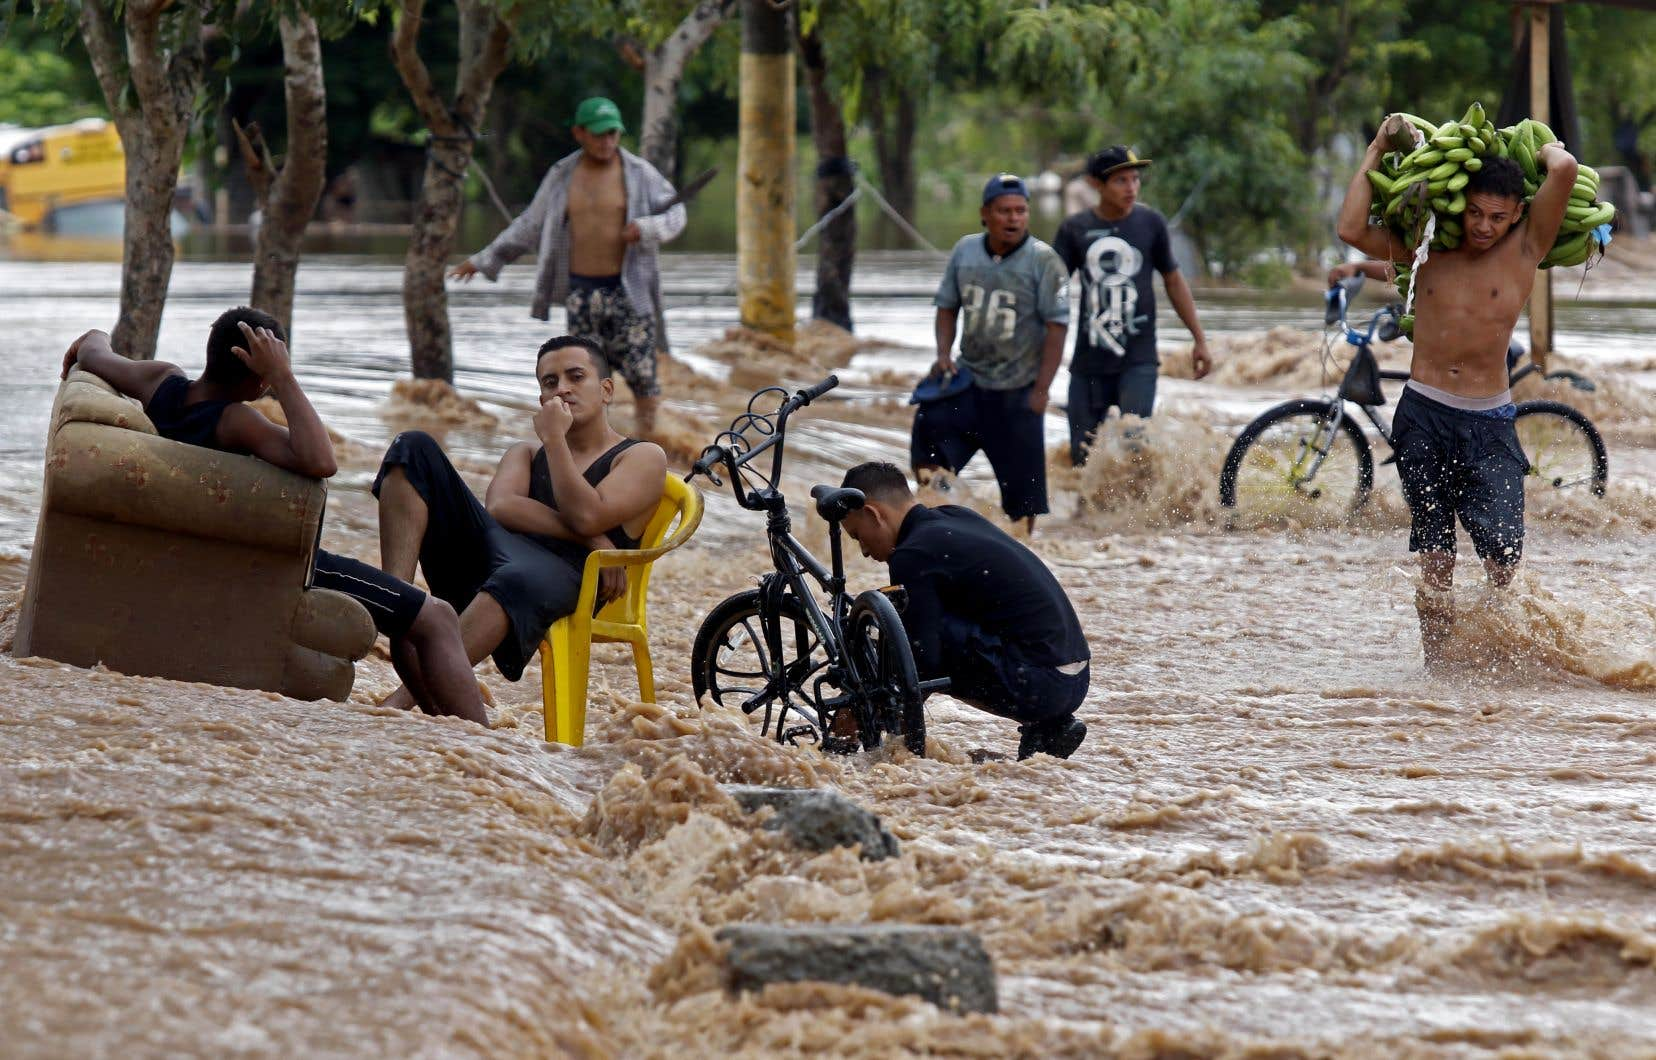 Selon le NHC, des inondations et des crues soudaines pourraient se poursuivre en Amérique centrale jusqu'à jeudi en raison des pluies torrentielles. Sur la photo, une rue de la ville hondurienne d'El Progreso mercredi